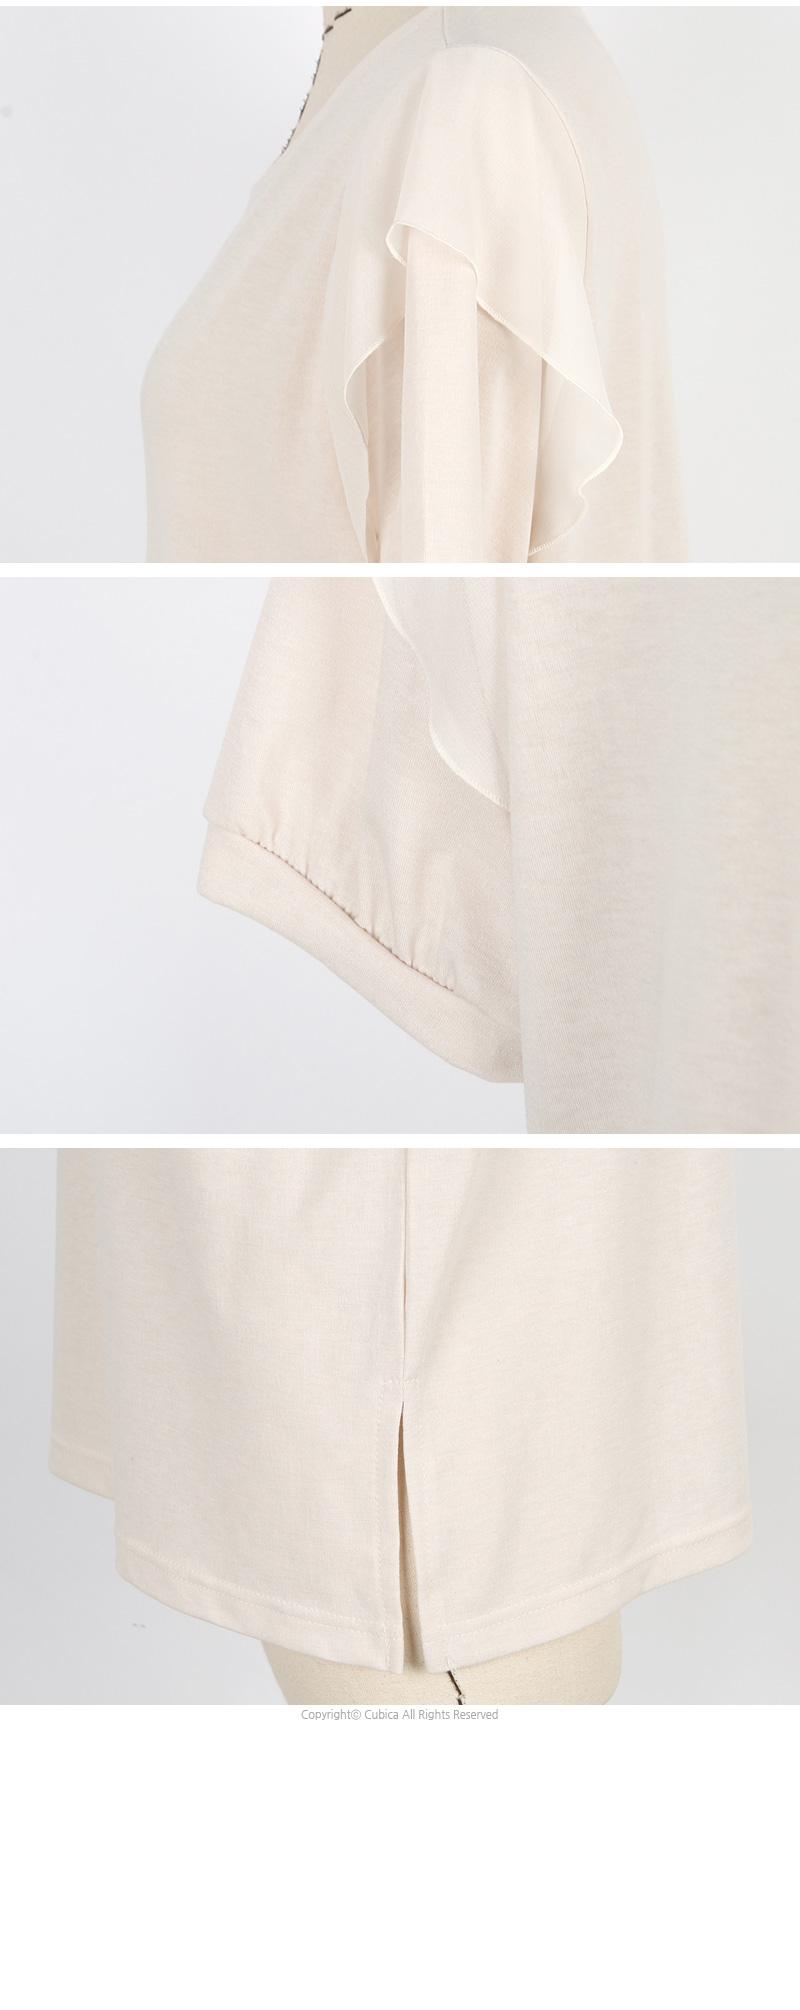 빅사이즈 윙 장식 반팔 티셔츠 NB253 - 네오쿠비카, 19,120원, 상의, 반팔티셔츠